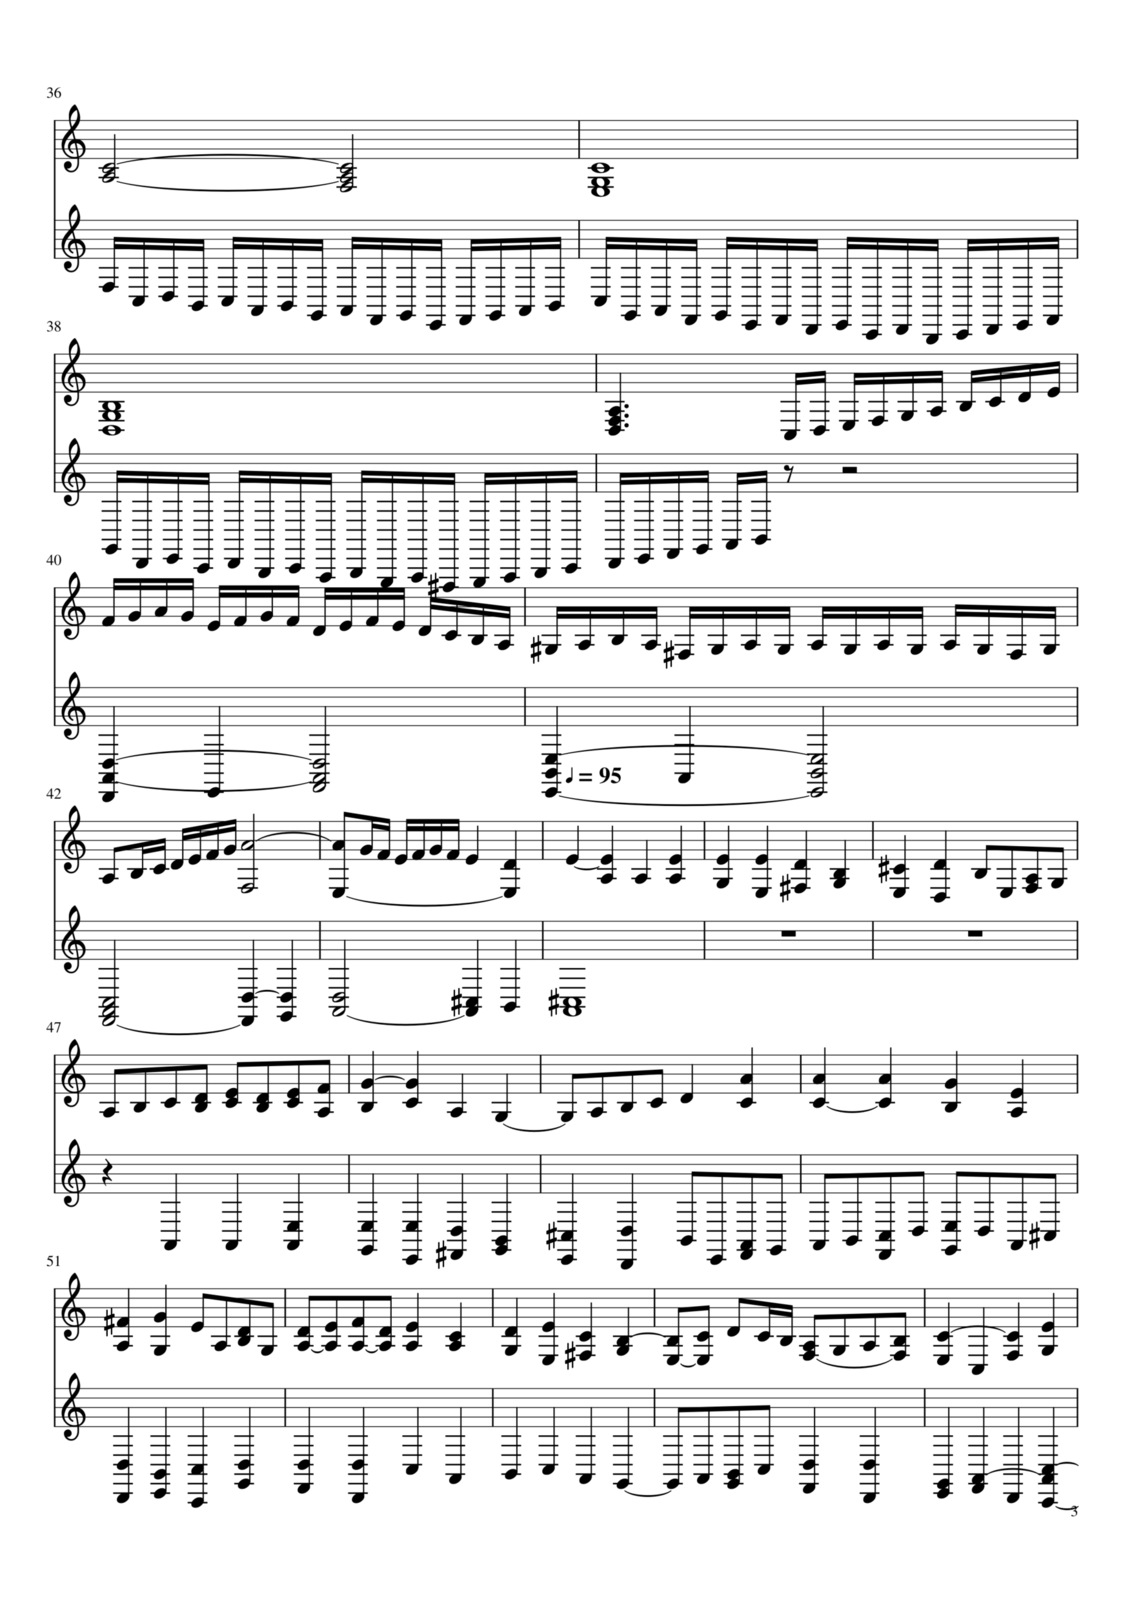 Toccata A-moll slide, Image 3